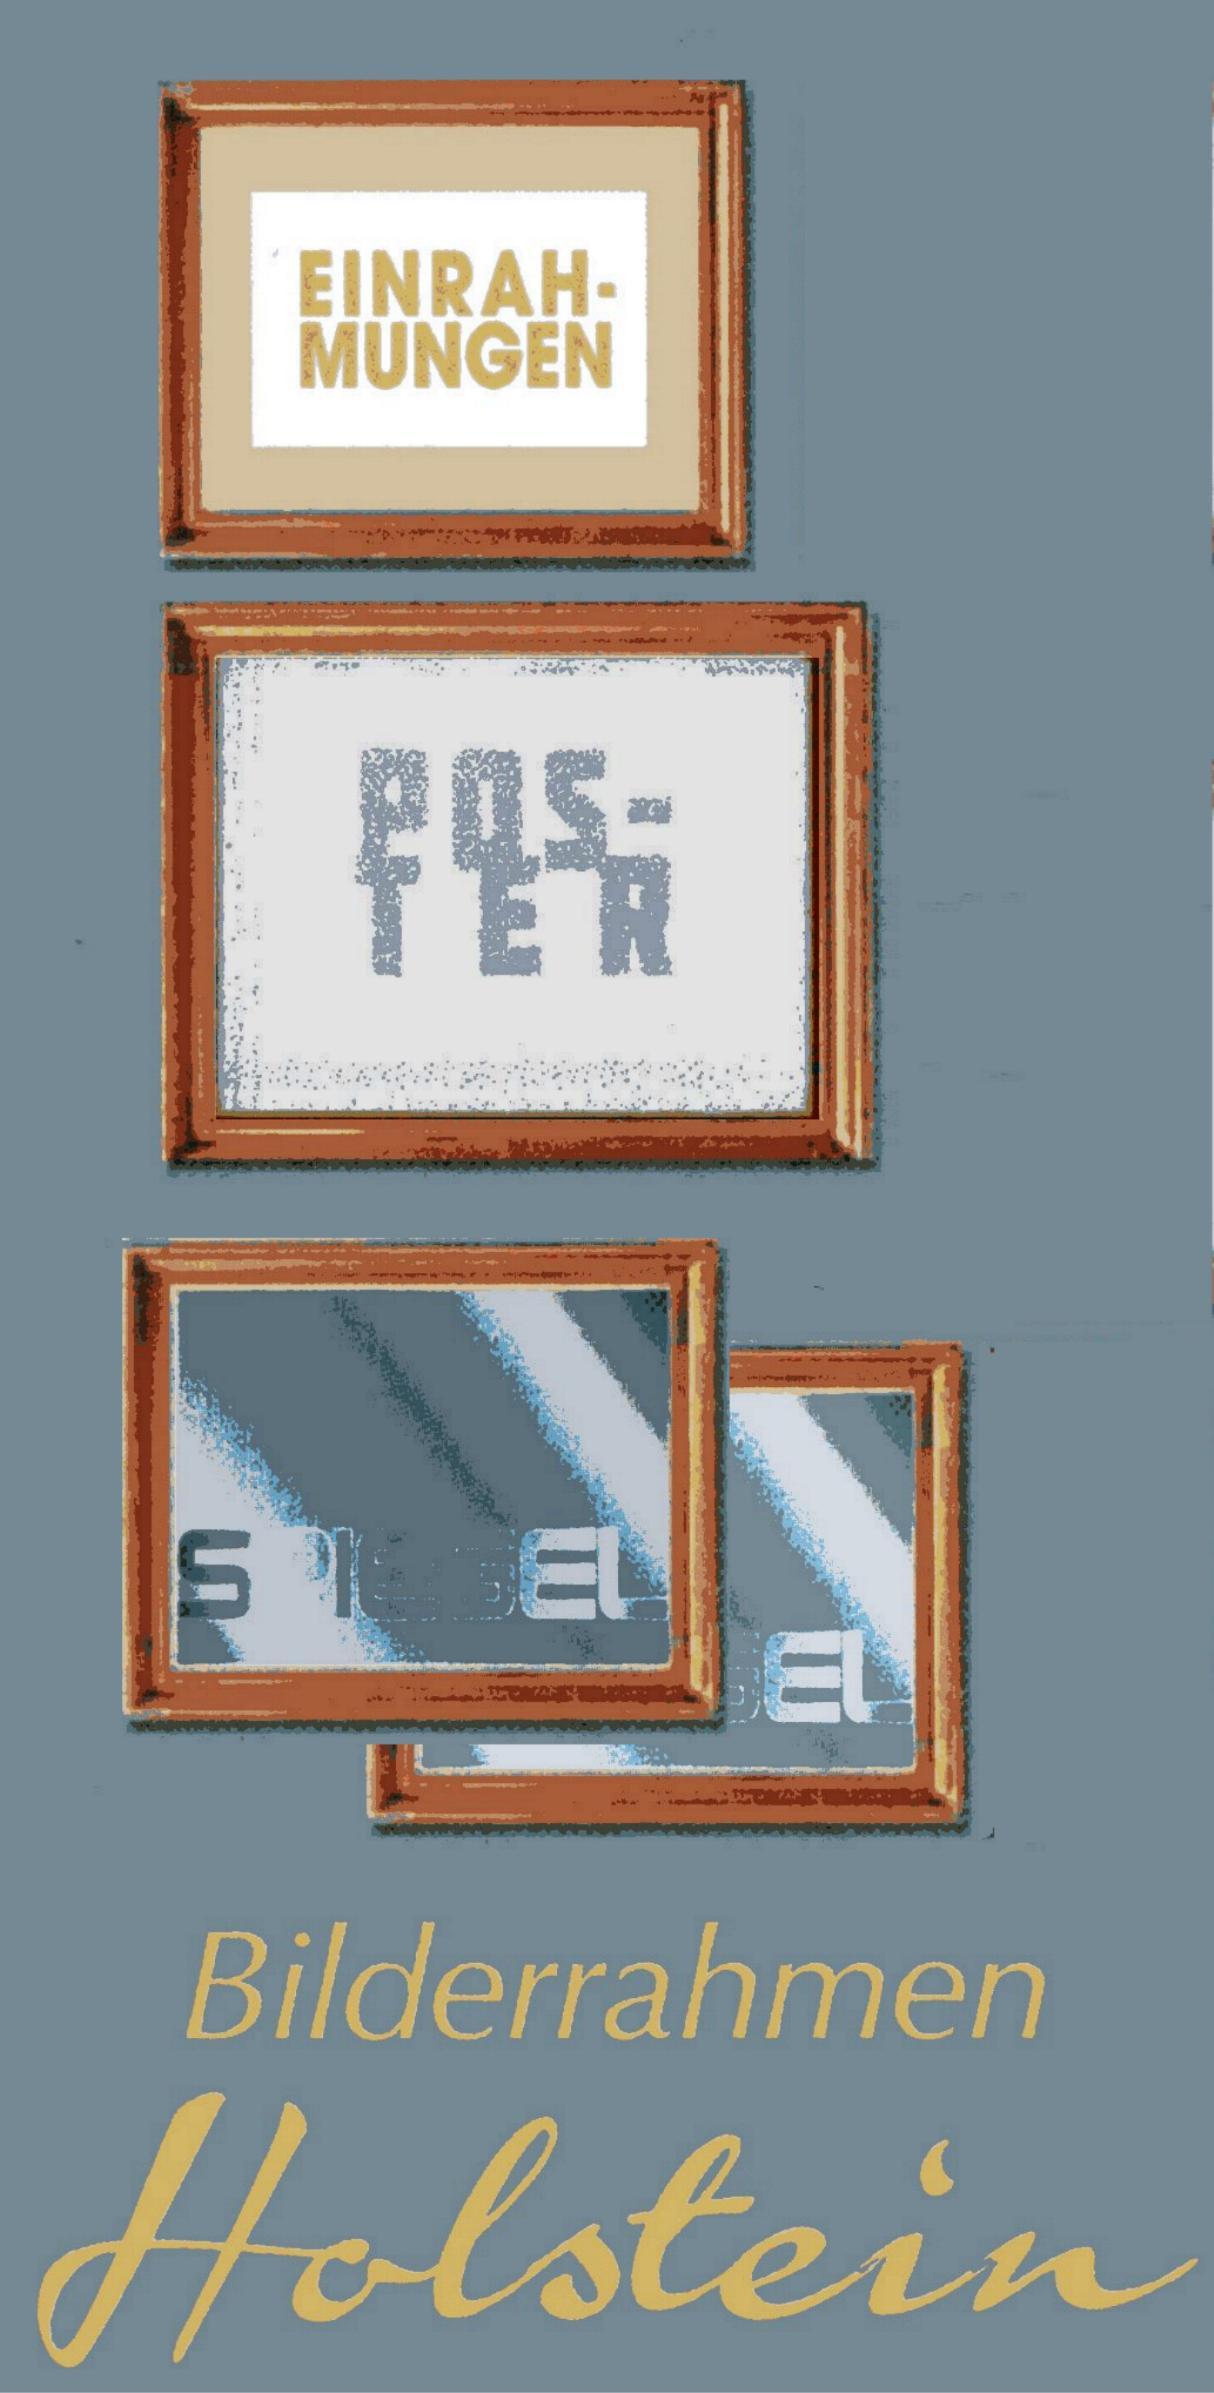 bilder-rahmen.eu - - Restaurator für Gemälde und Einrahmungen und ...